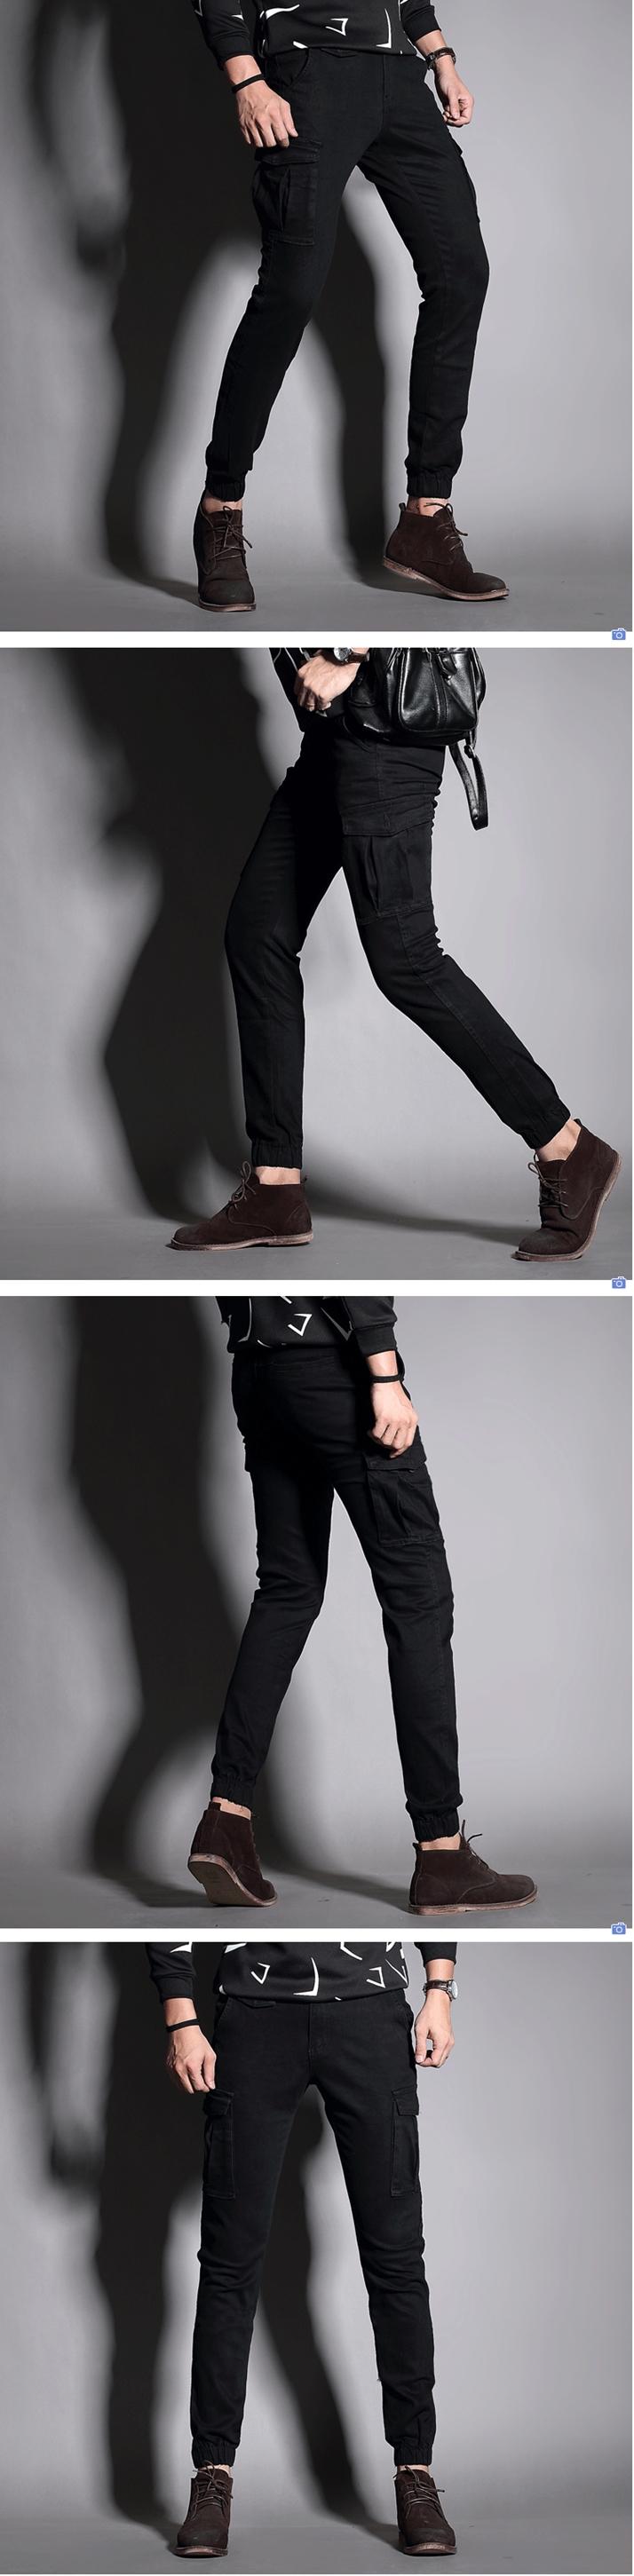 รองเท้าชาย กางเกงแฟชั่นกระเป๋าข้างขาจั๊ม สไตล์ overalls